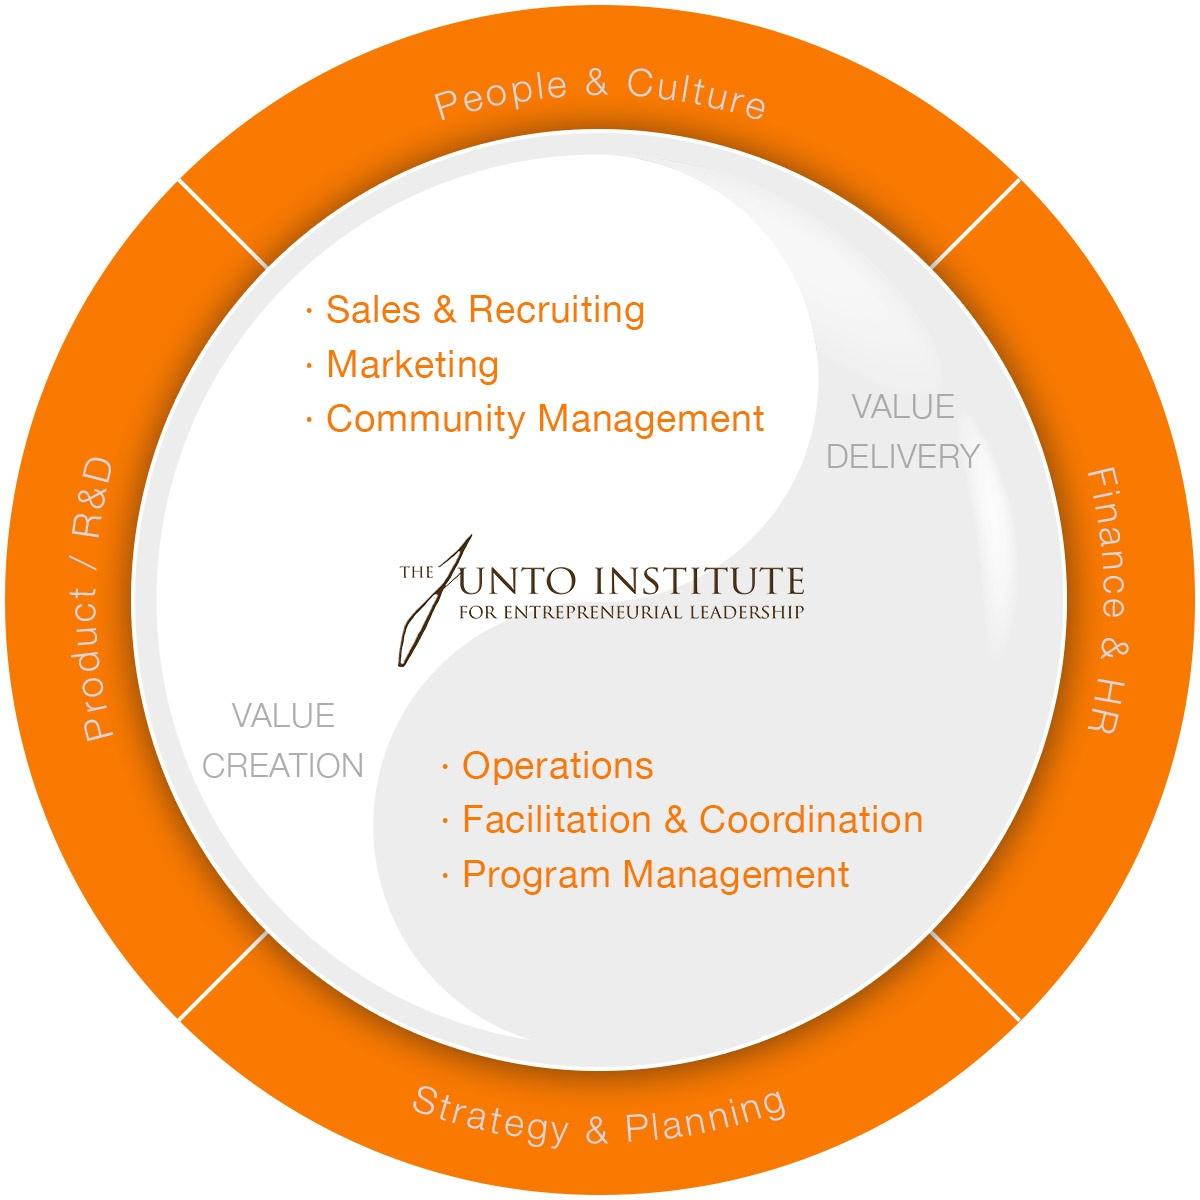 Junto_Institute_Organizational_Structure.jpg